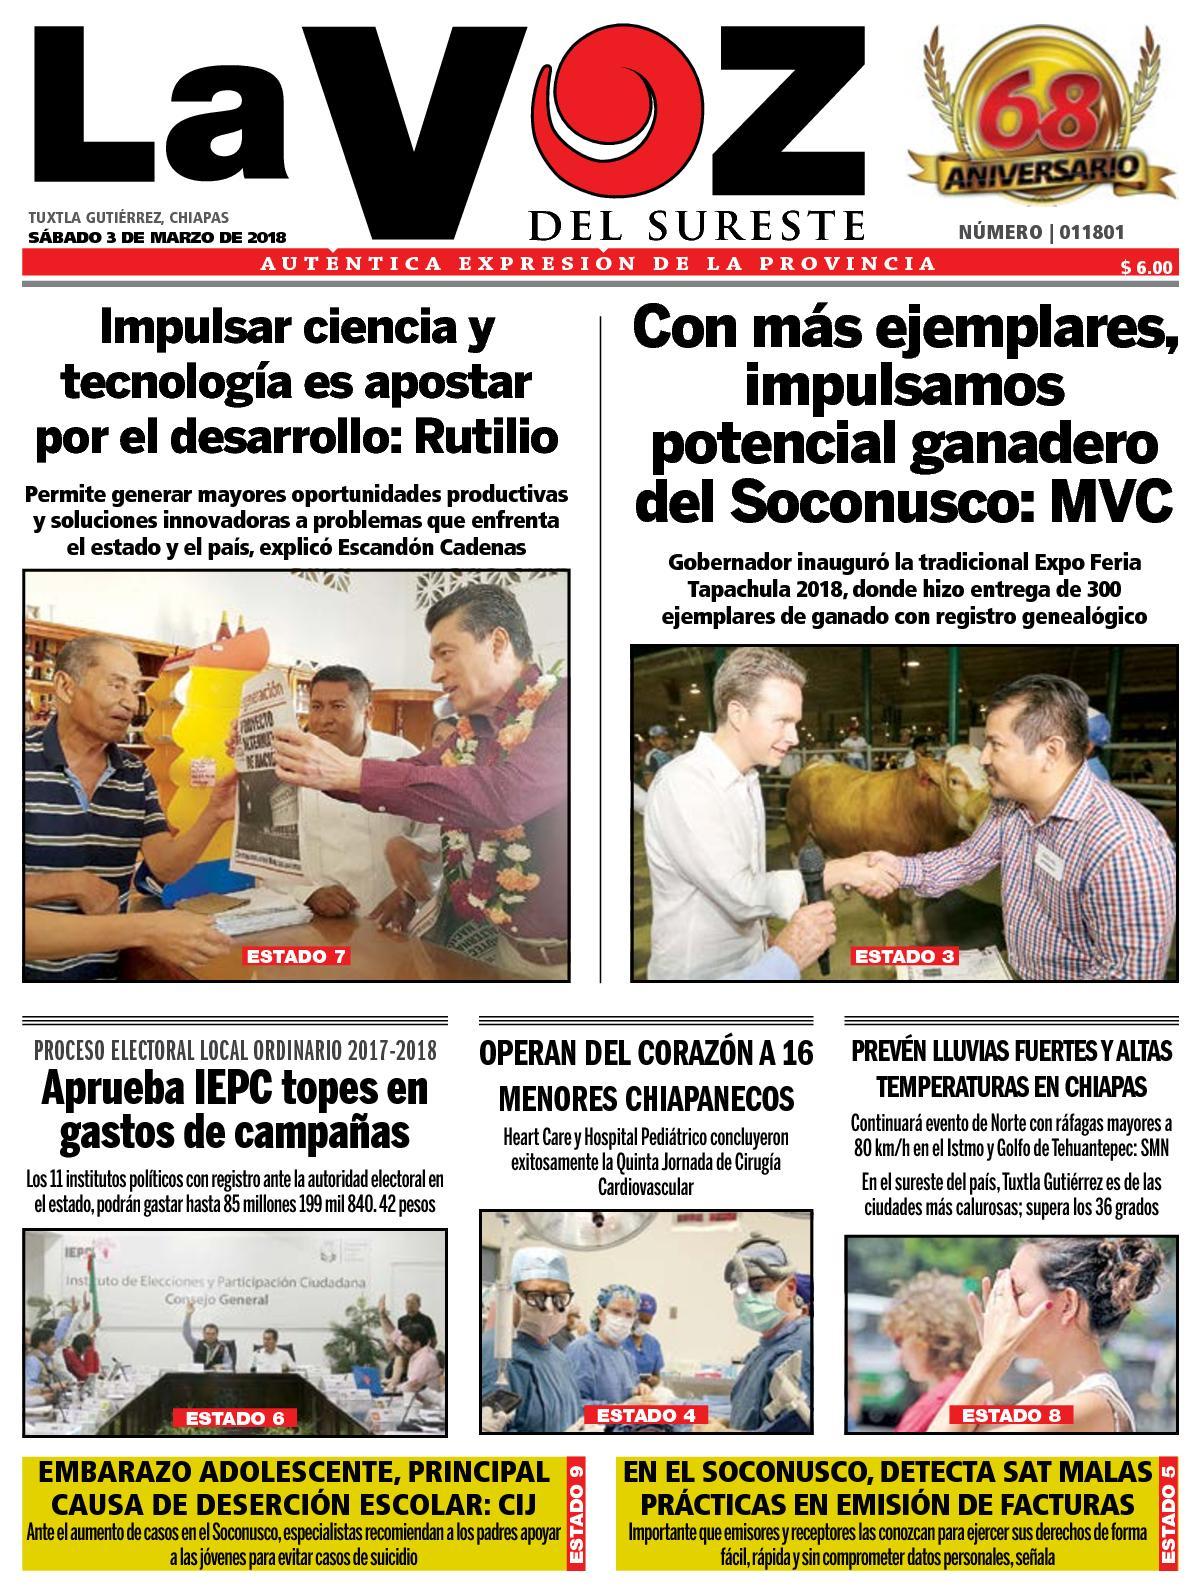 Diario La Voz del Sureste